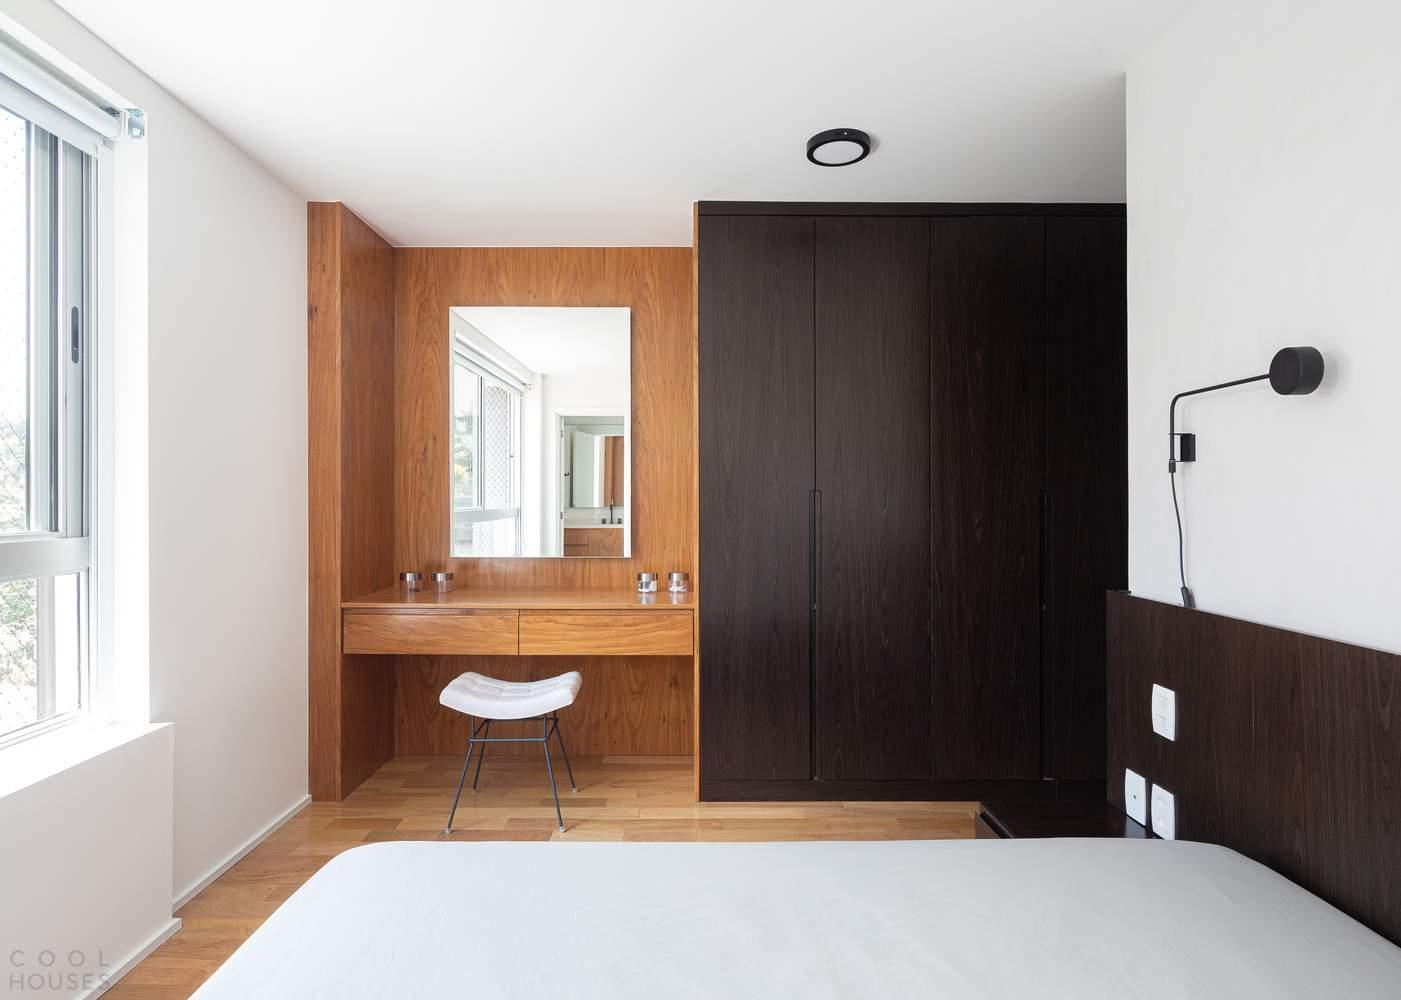 Апартаменты с динамичным универсальным пространством, Бразилия